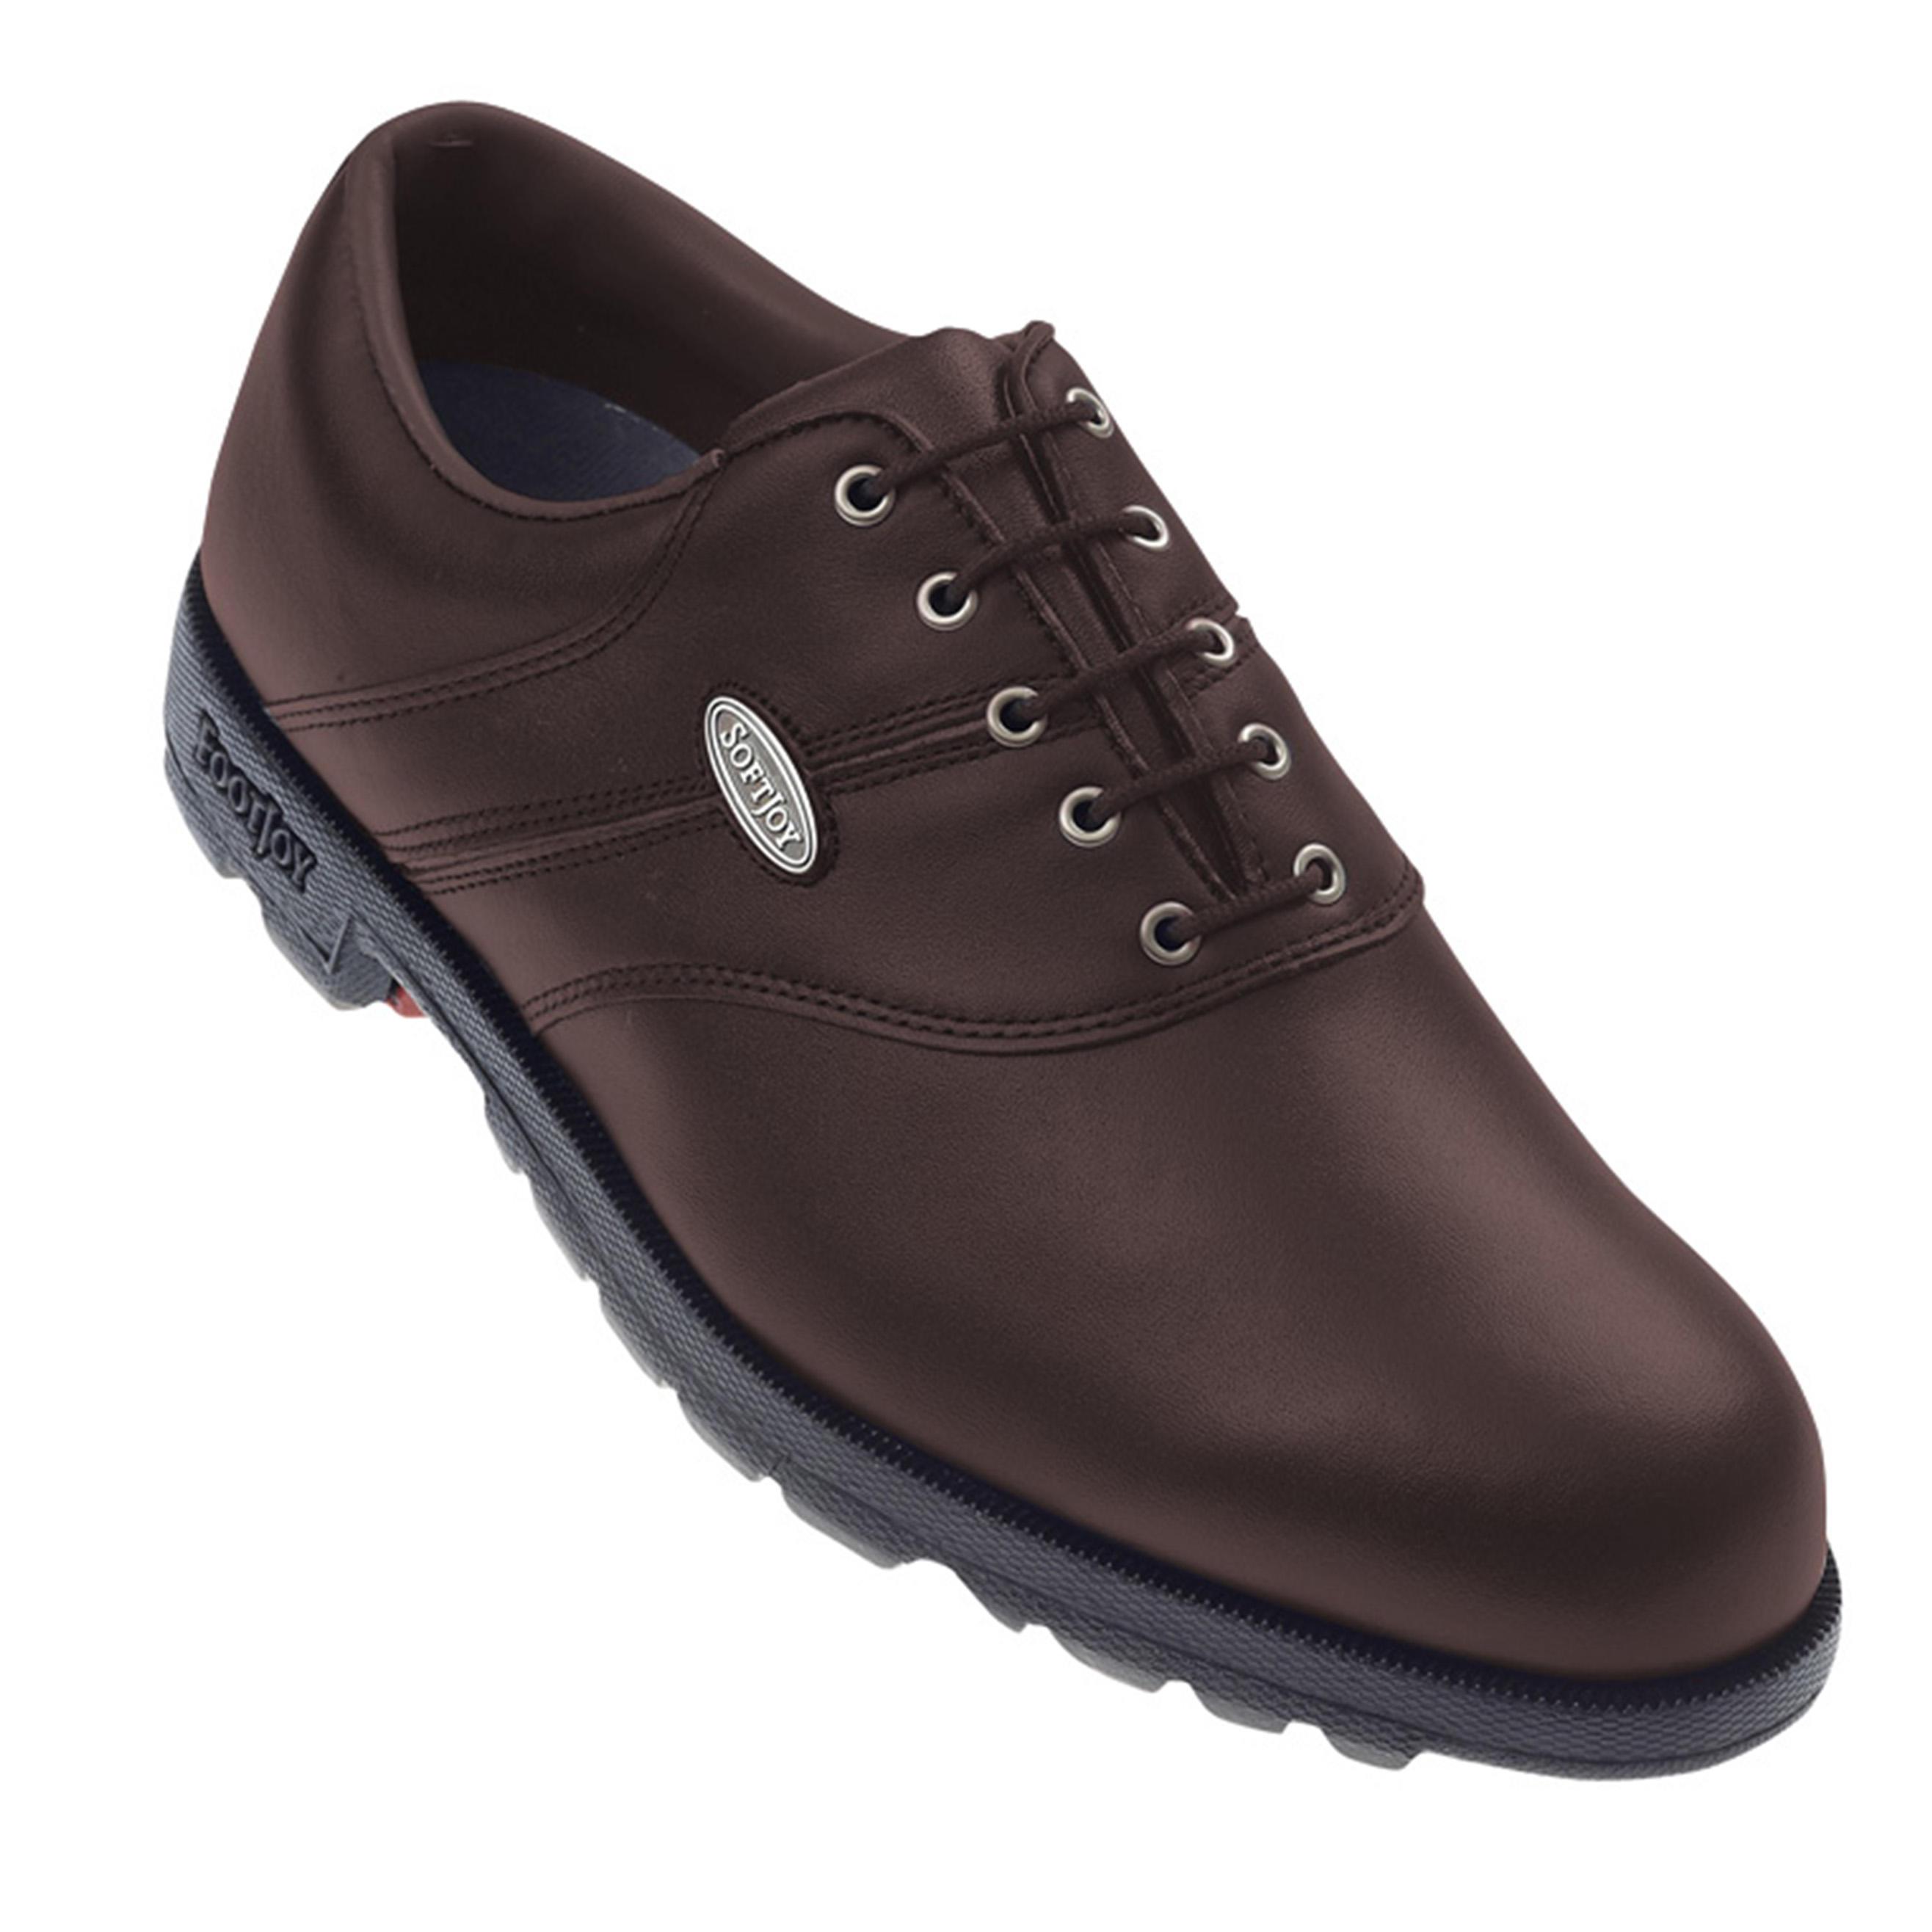 Footjoy Golfschoenen Softjoy voor heren